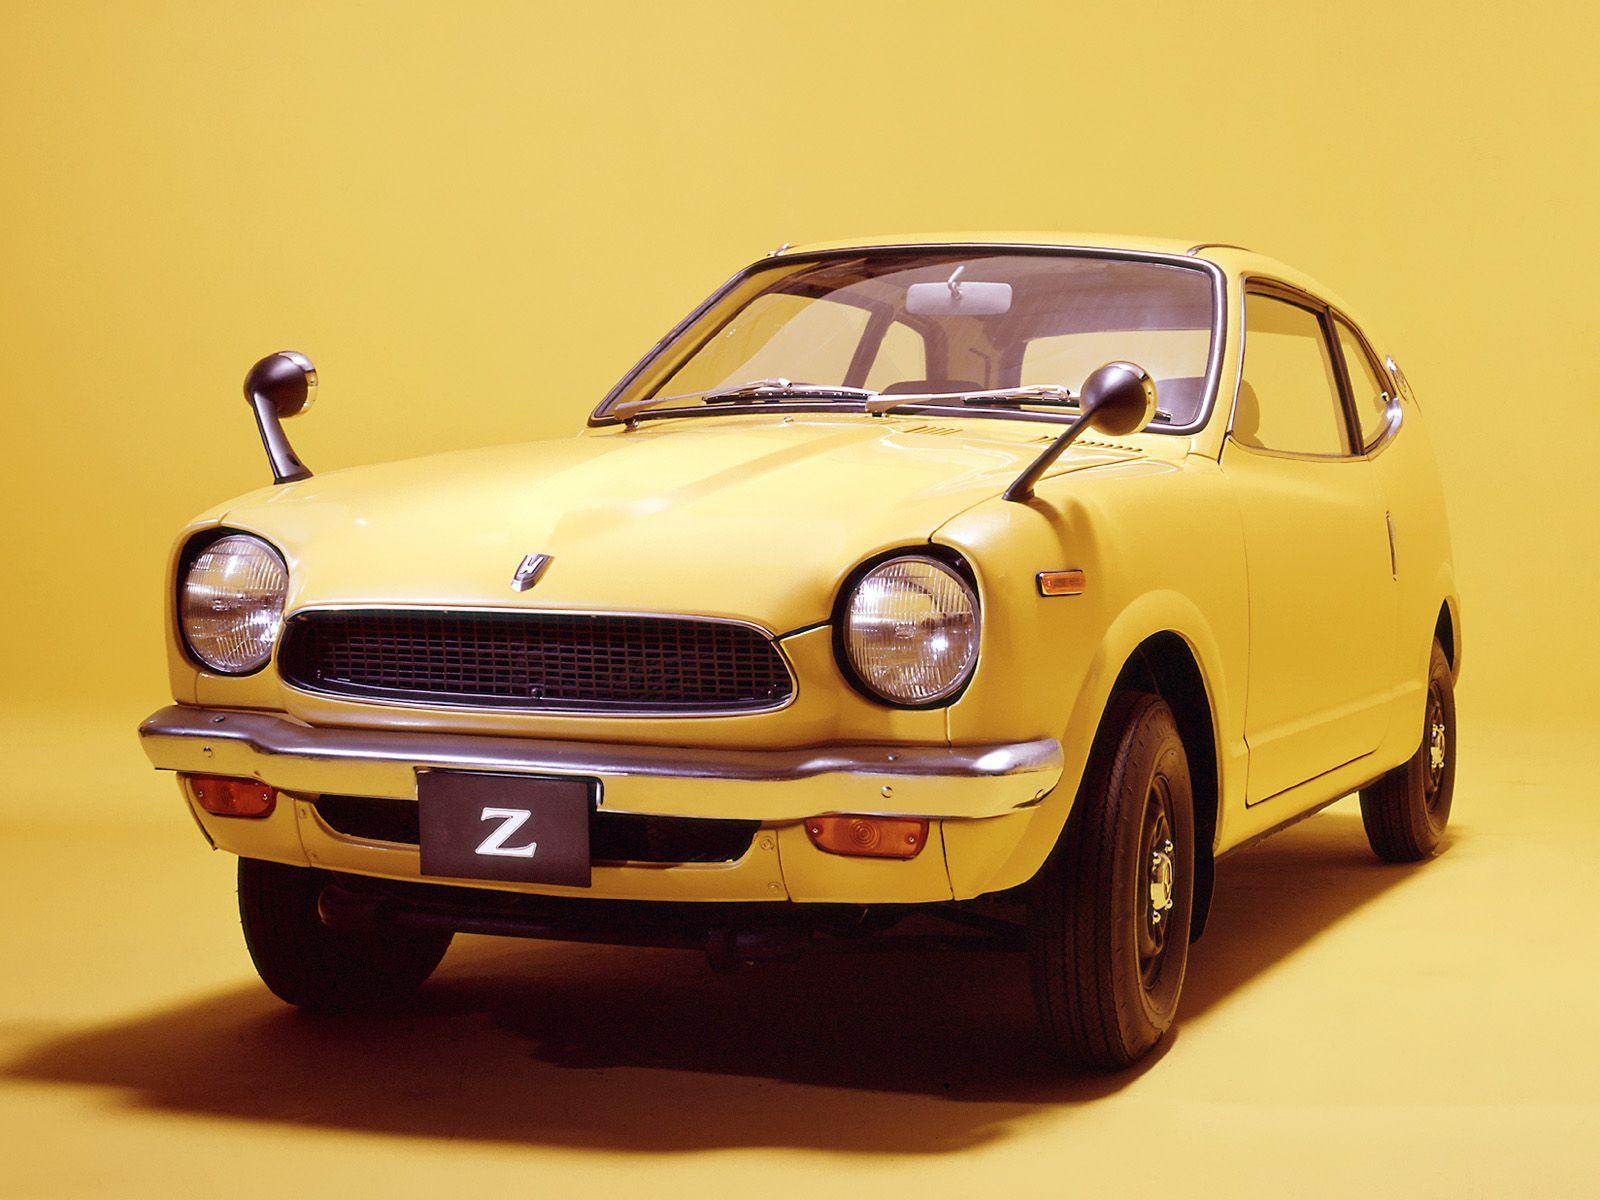 Honda Z - 1970 | Japanese cars, Car, Honda